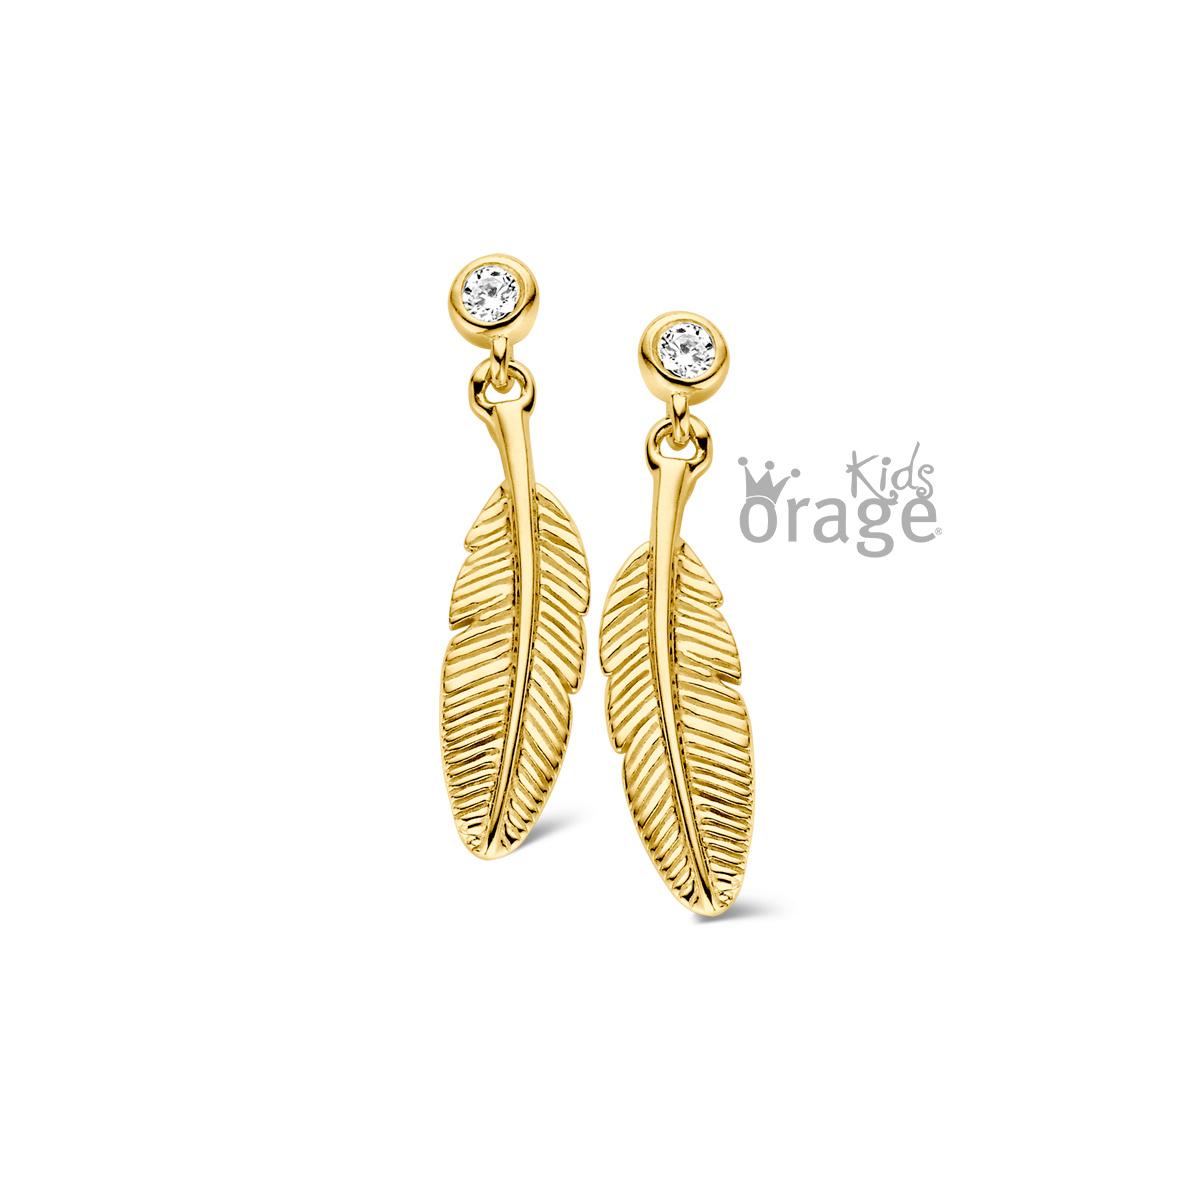 Orage K1834-K1787 Oorslingers veer verguld geel goud cz